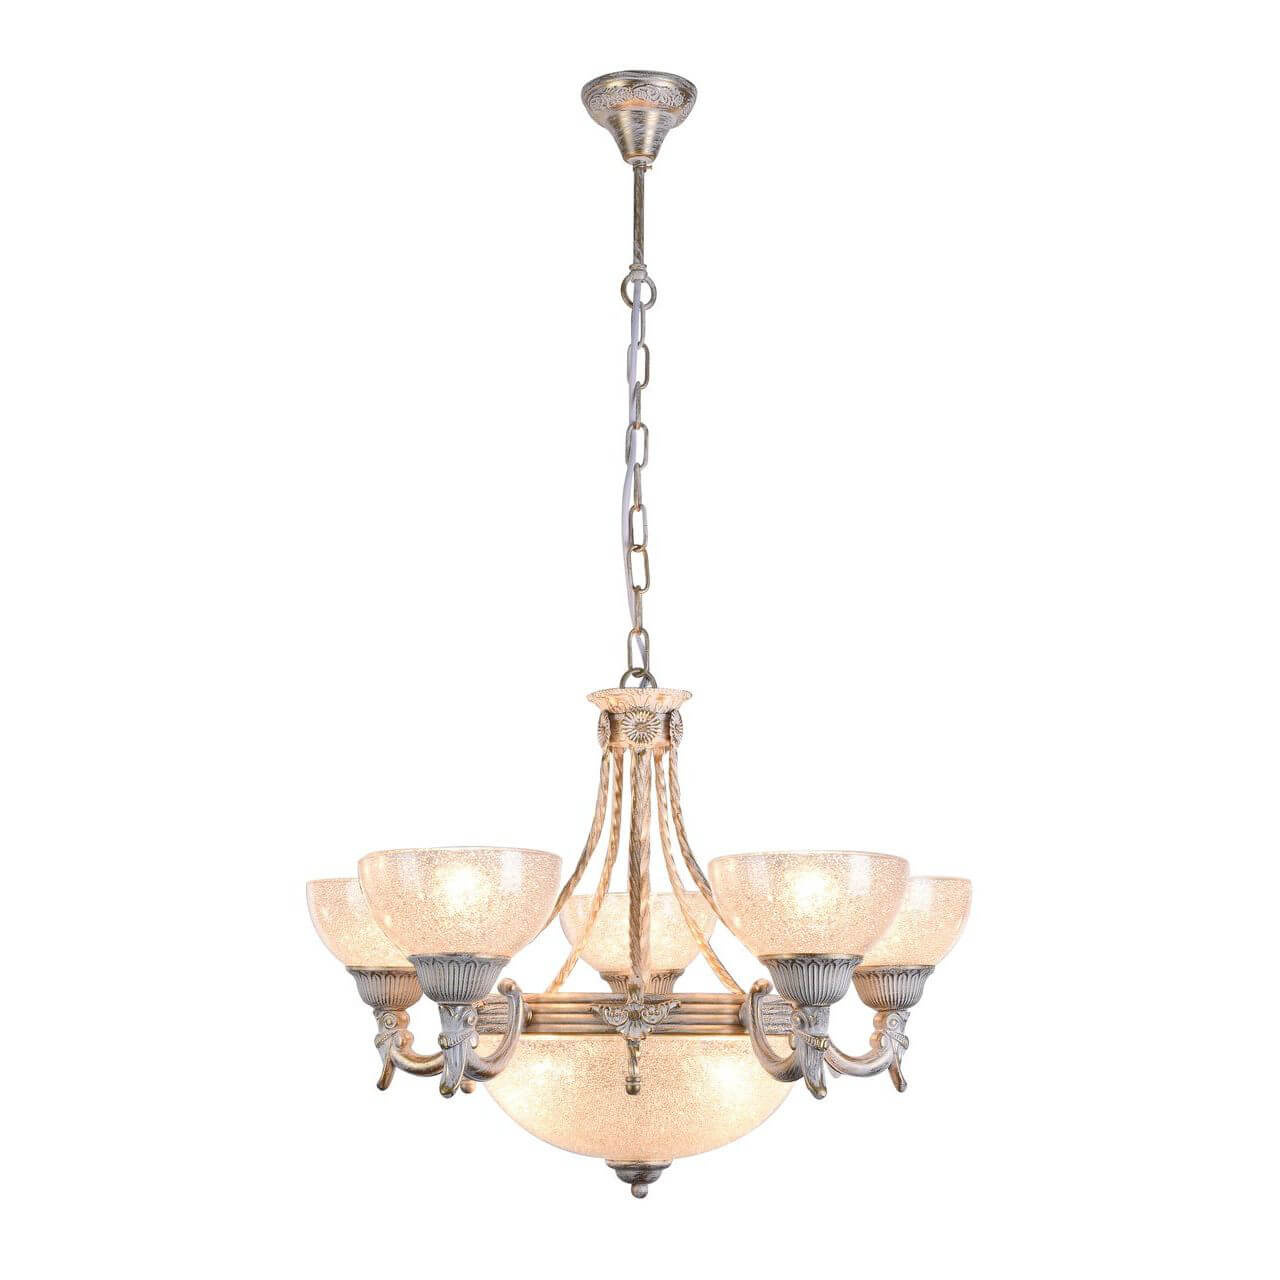 Подвесная люстра Arte Lamp Fedelta A5861LM-3-5WG подвесная люстра arte lamp fedelta a5861lm 3 5wg